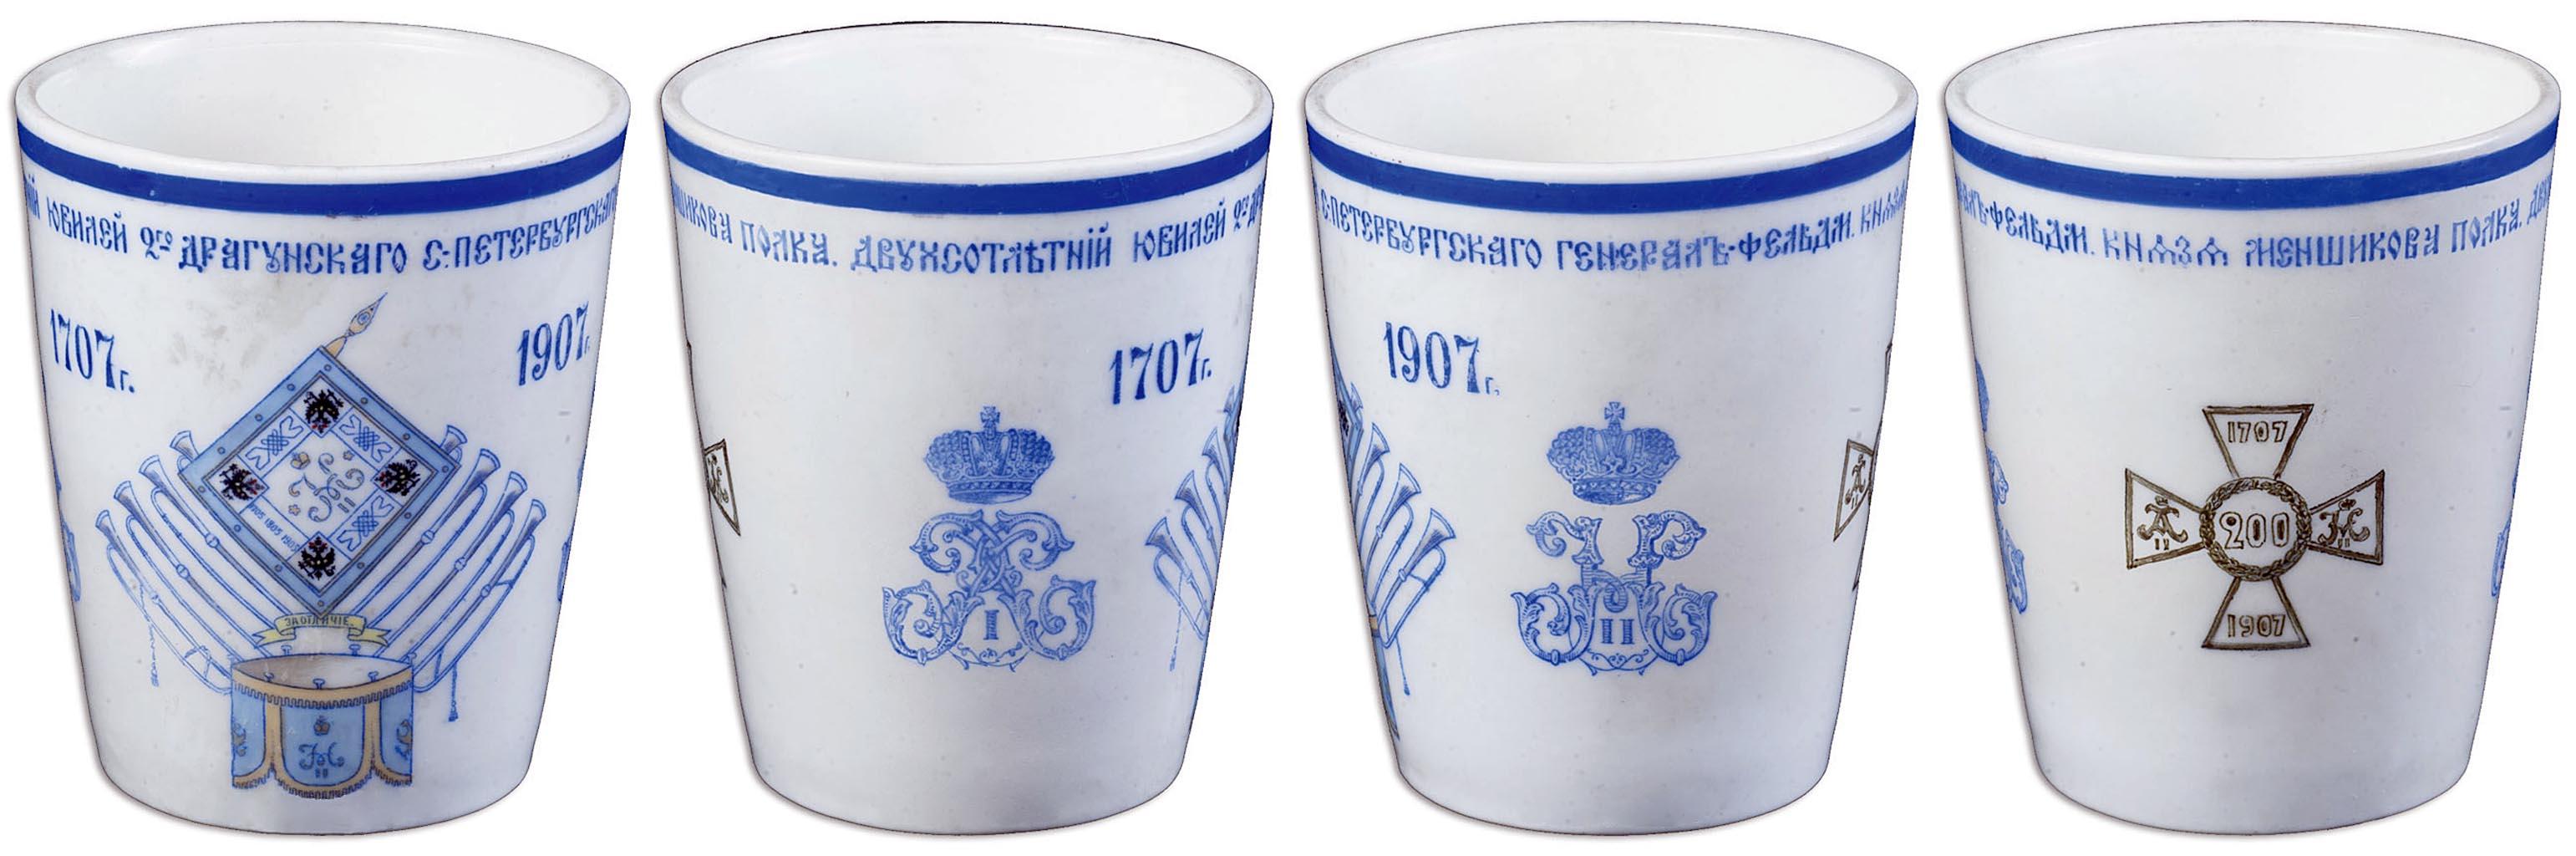 0_99b83_8d484f87_origСтопа в память 200-летнего юбилея 2-го драгунского С.-Петербургского генерал-фельдмаршала князя Меншикова полка.